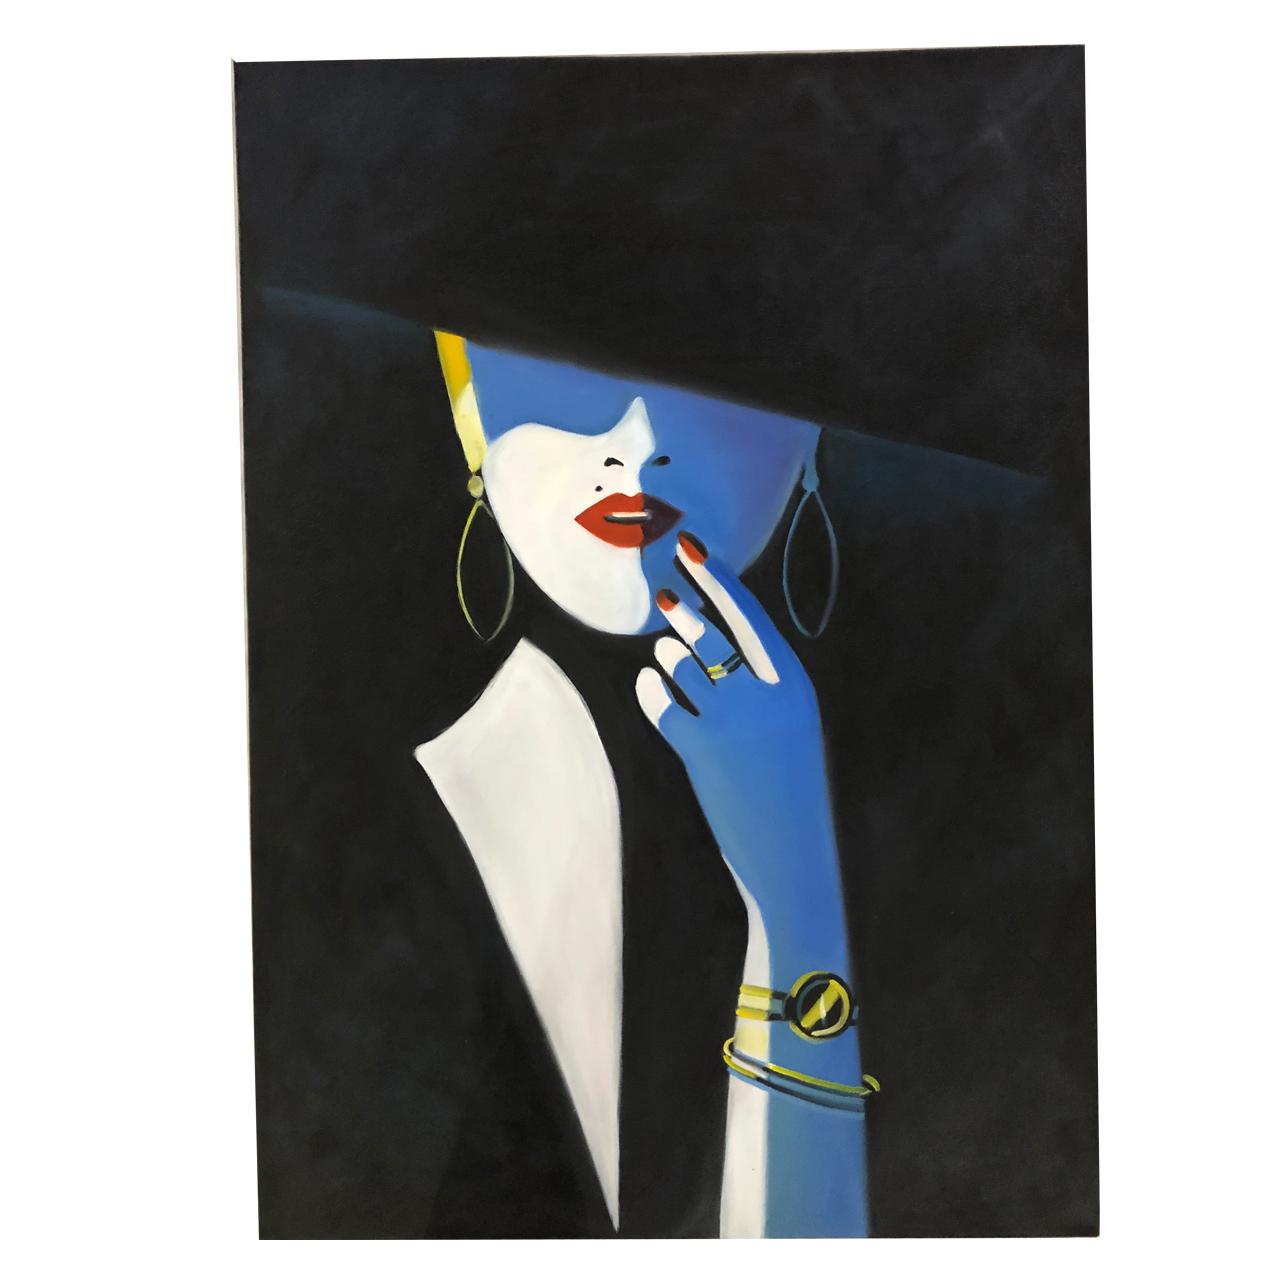 تابلو نقاشی رنگ روغن گالری بارسین طرح مدرن